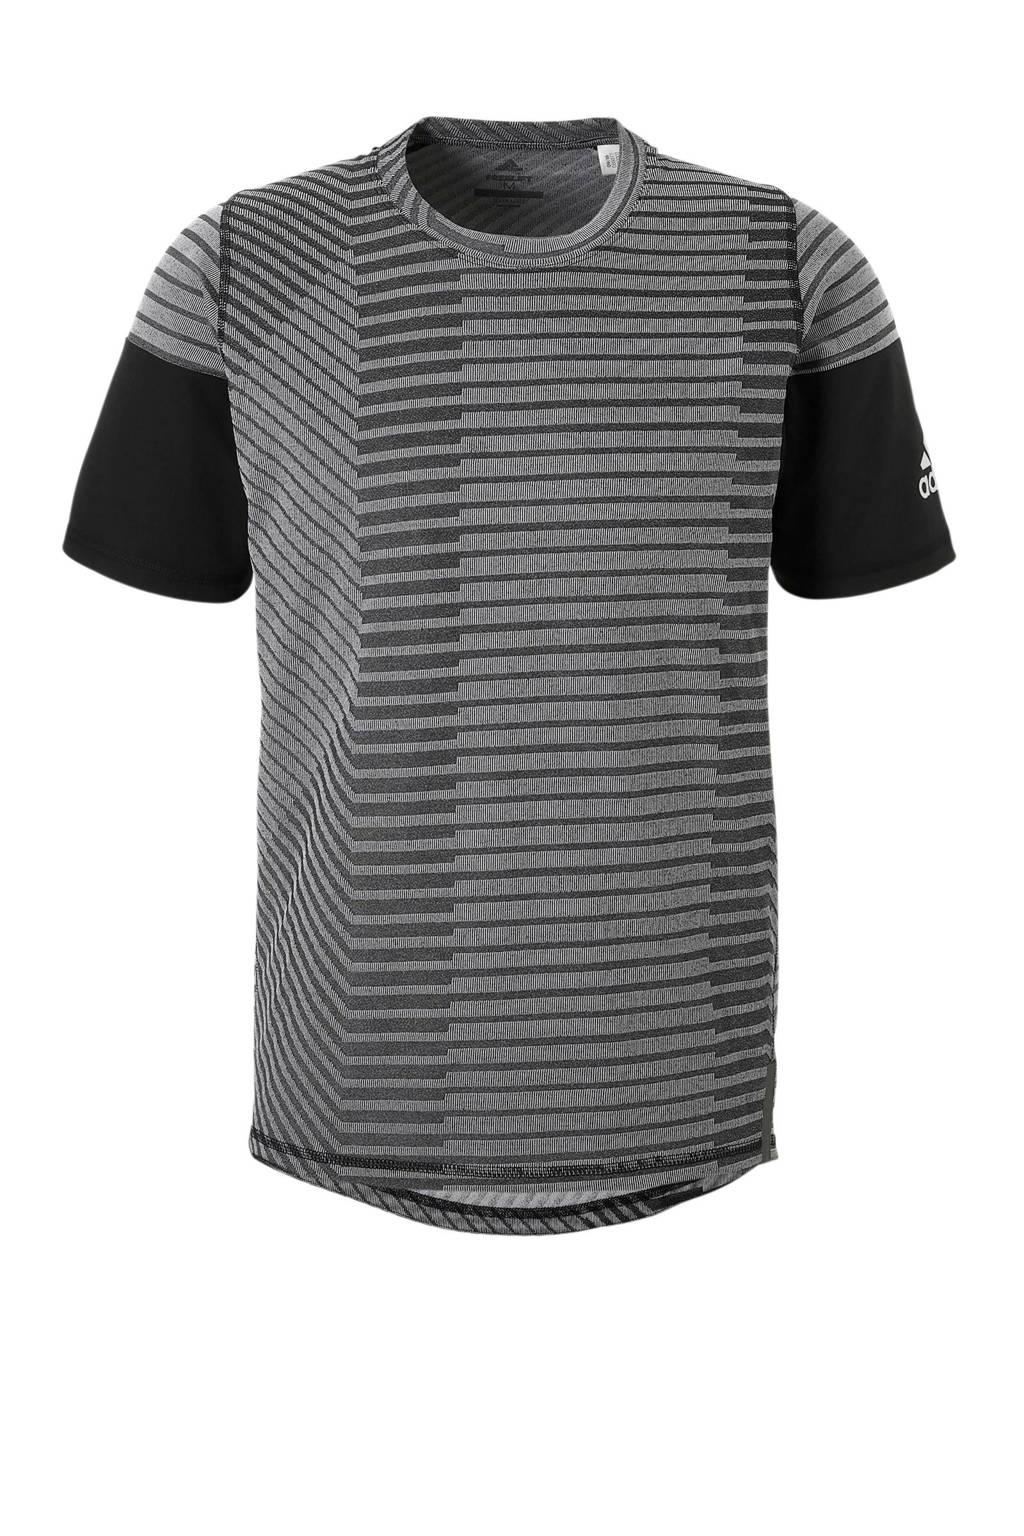 adidas performance   sport T-shirt, Zwart/wit